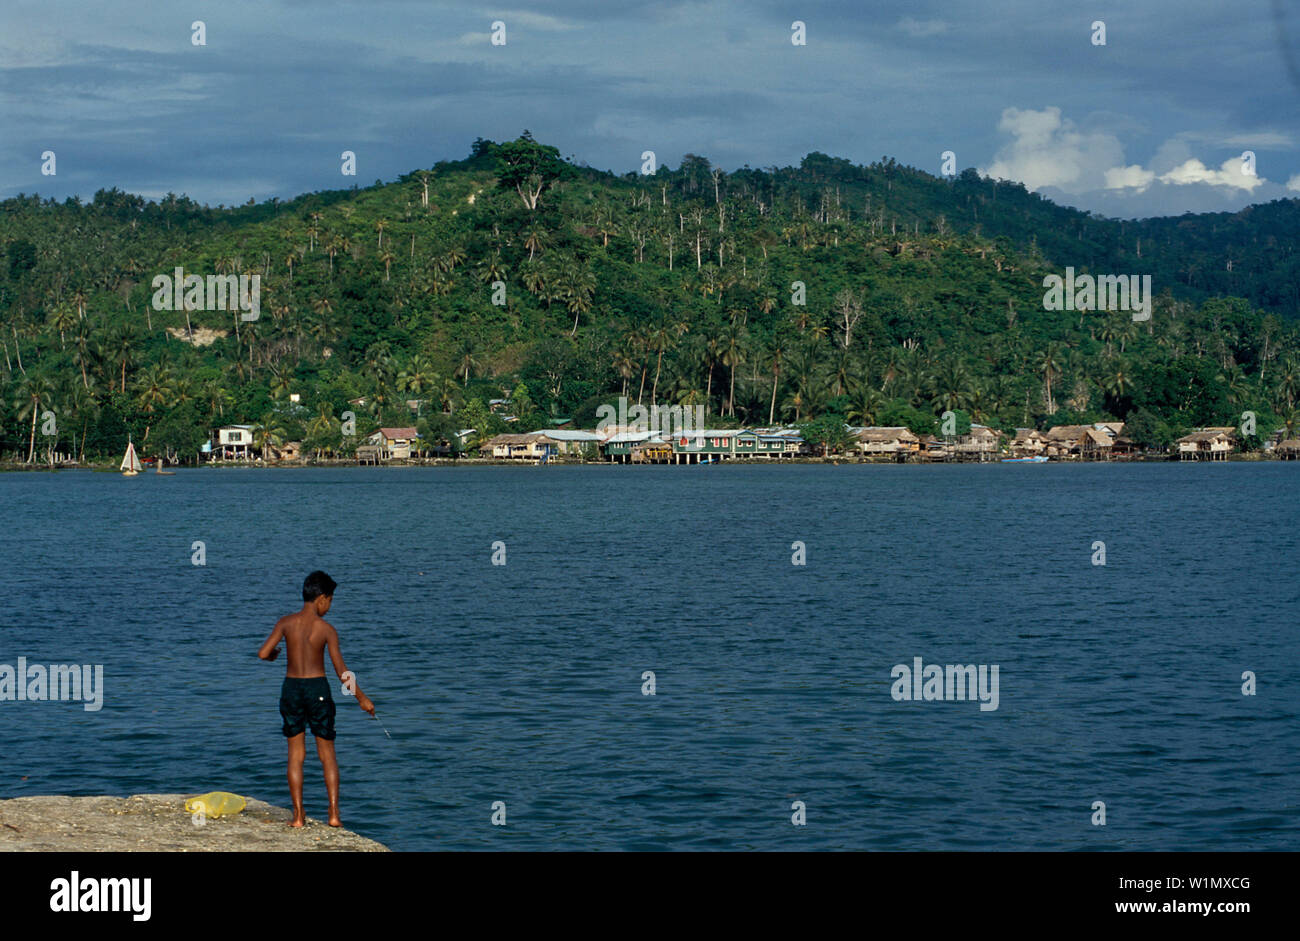 Angeln am Pier, Auki, Malaita Salomon-Inseln - Stock Image